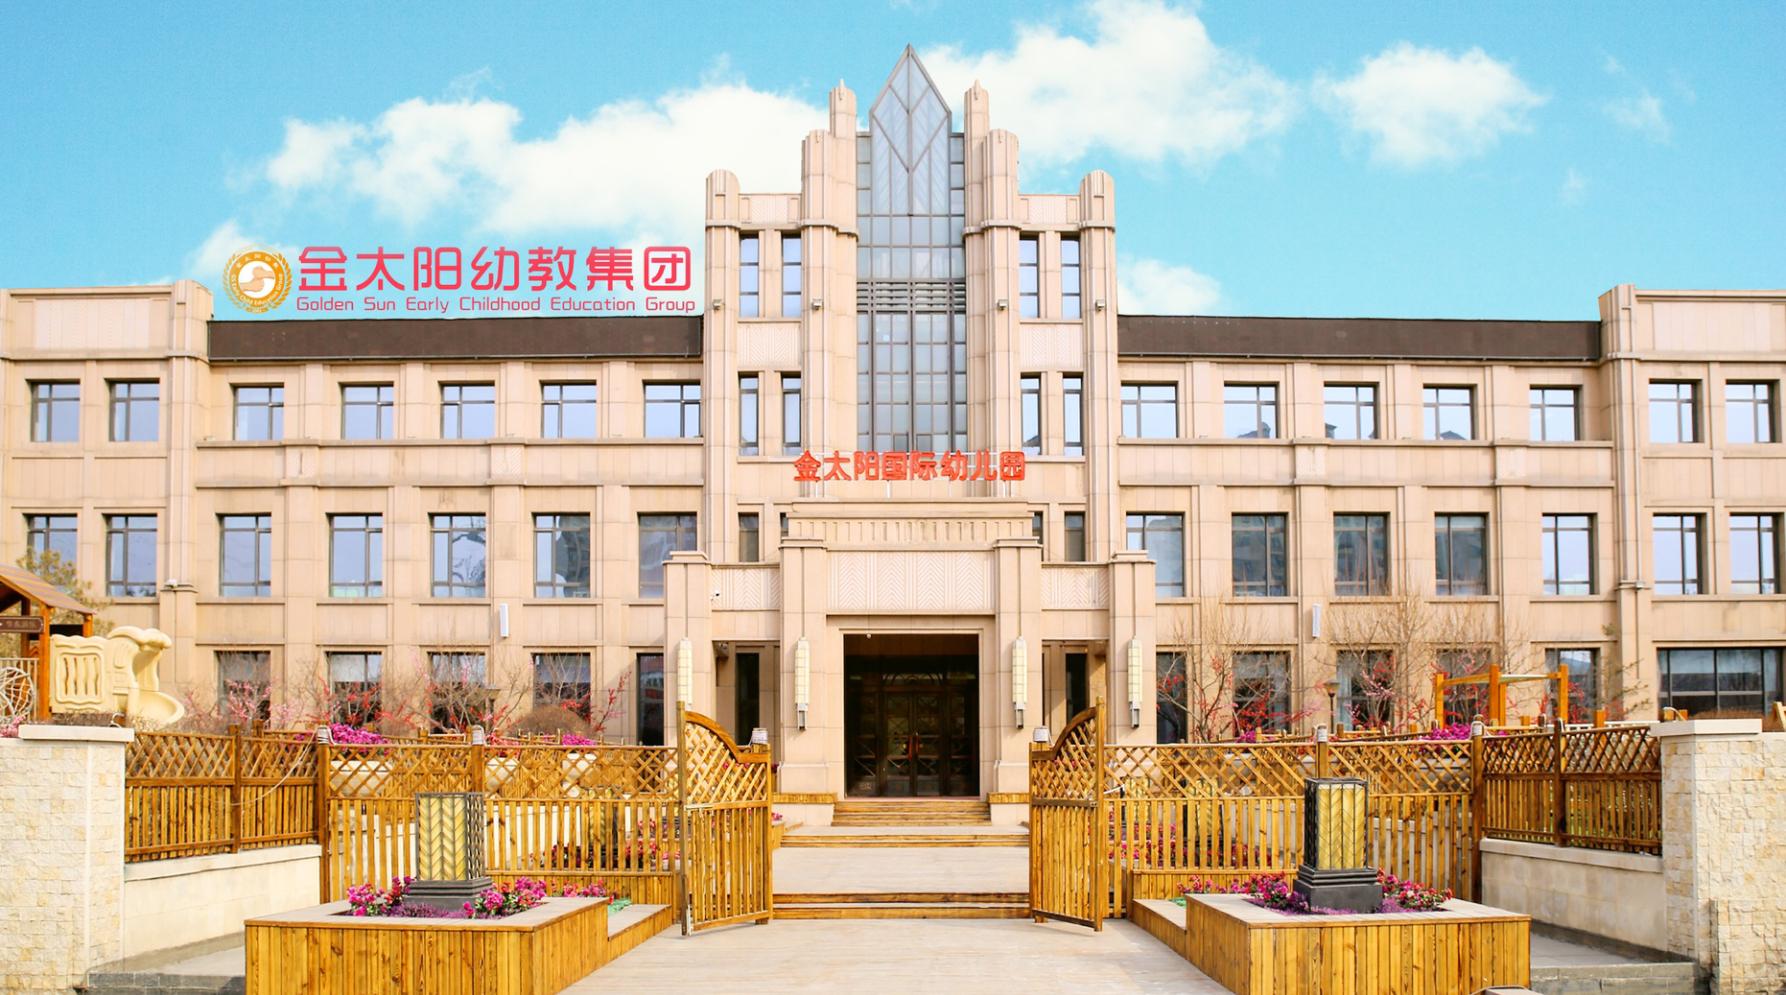 金太阳中海国际幼儿园位于长春市经济技术开发区东南湖大路与临河街